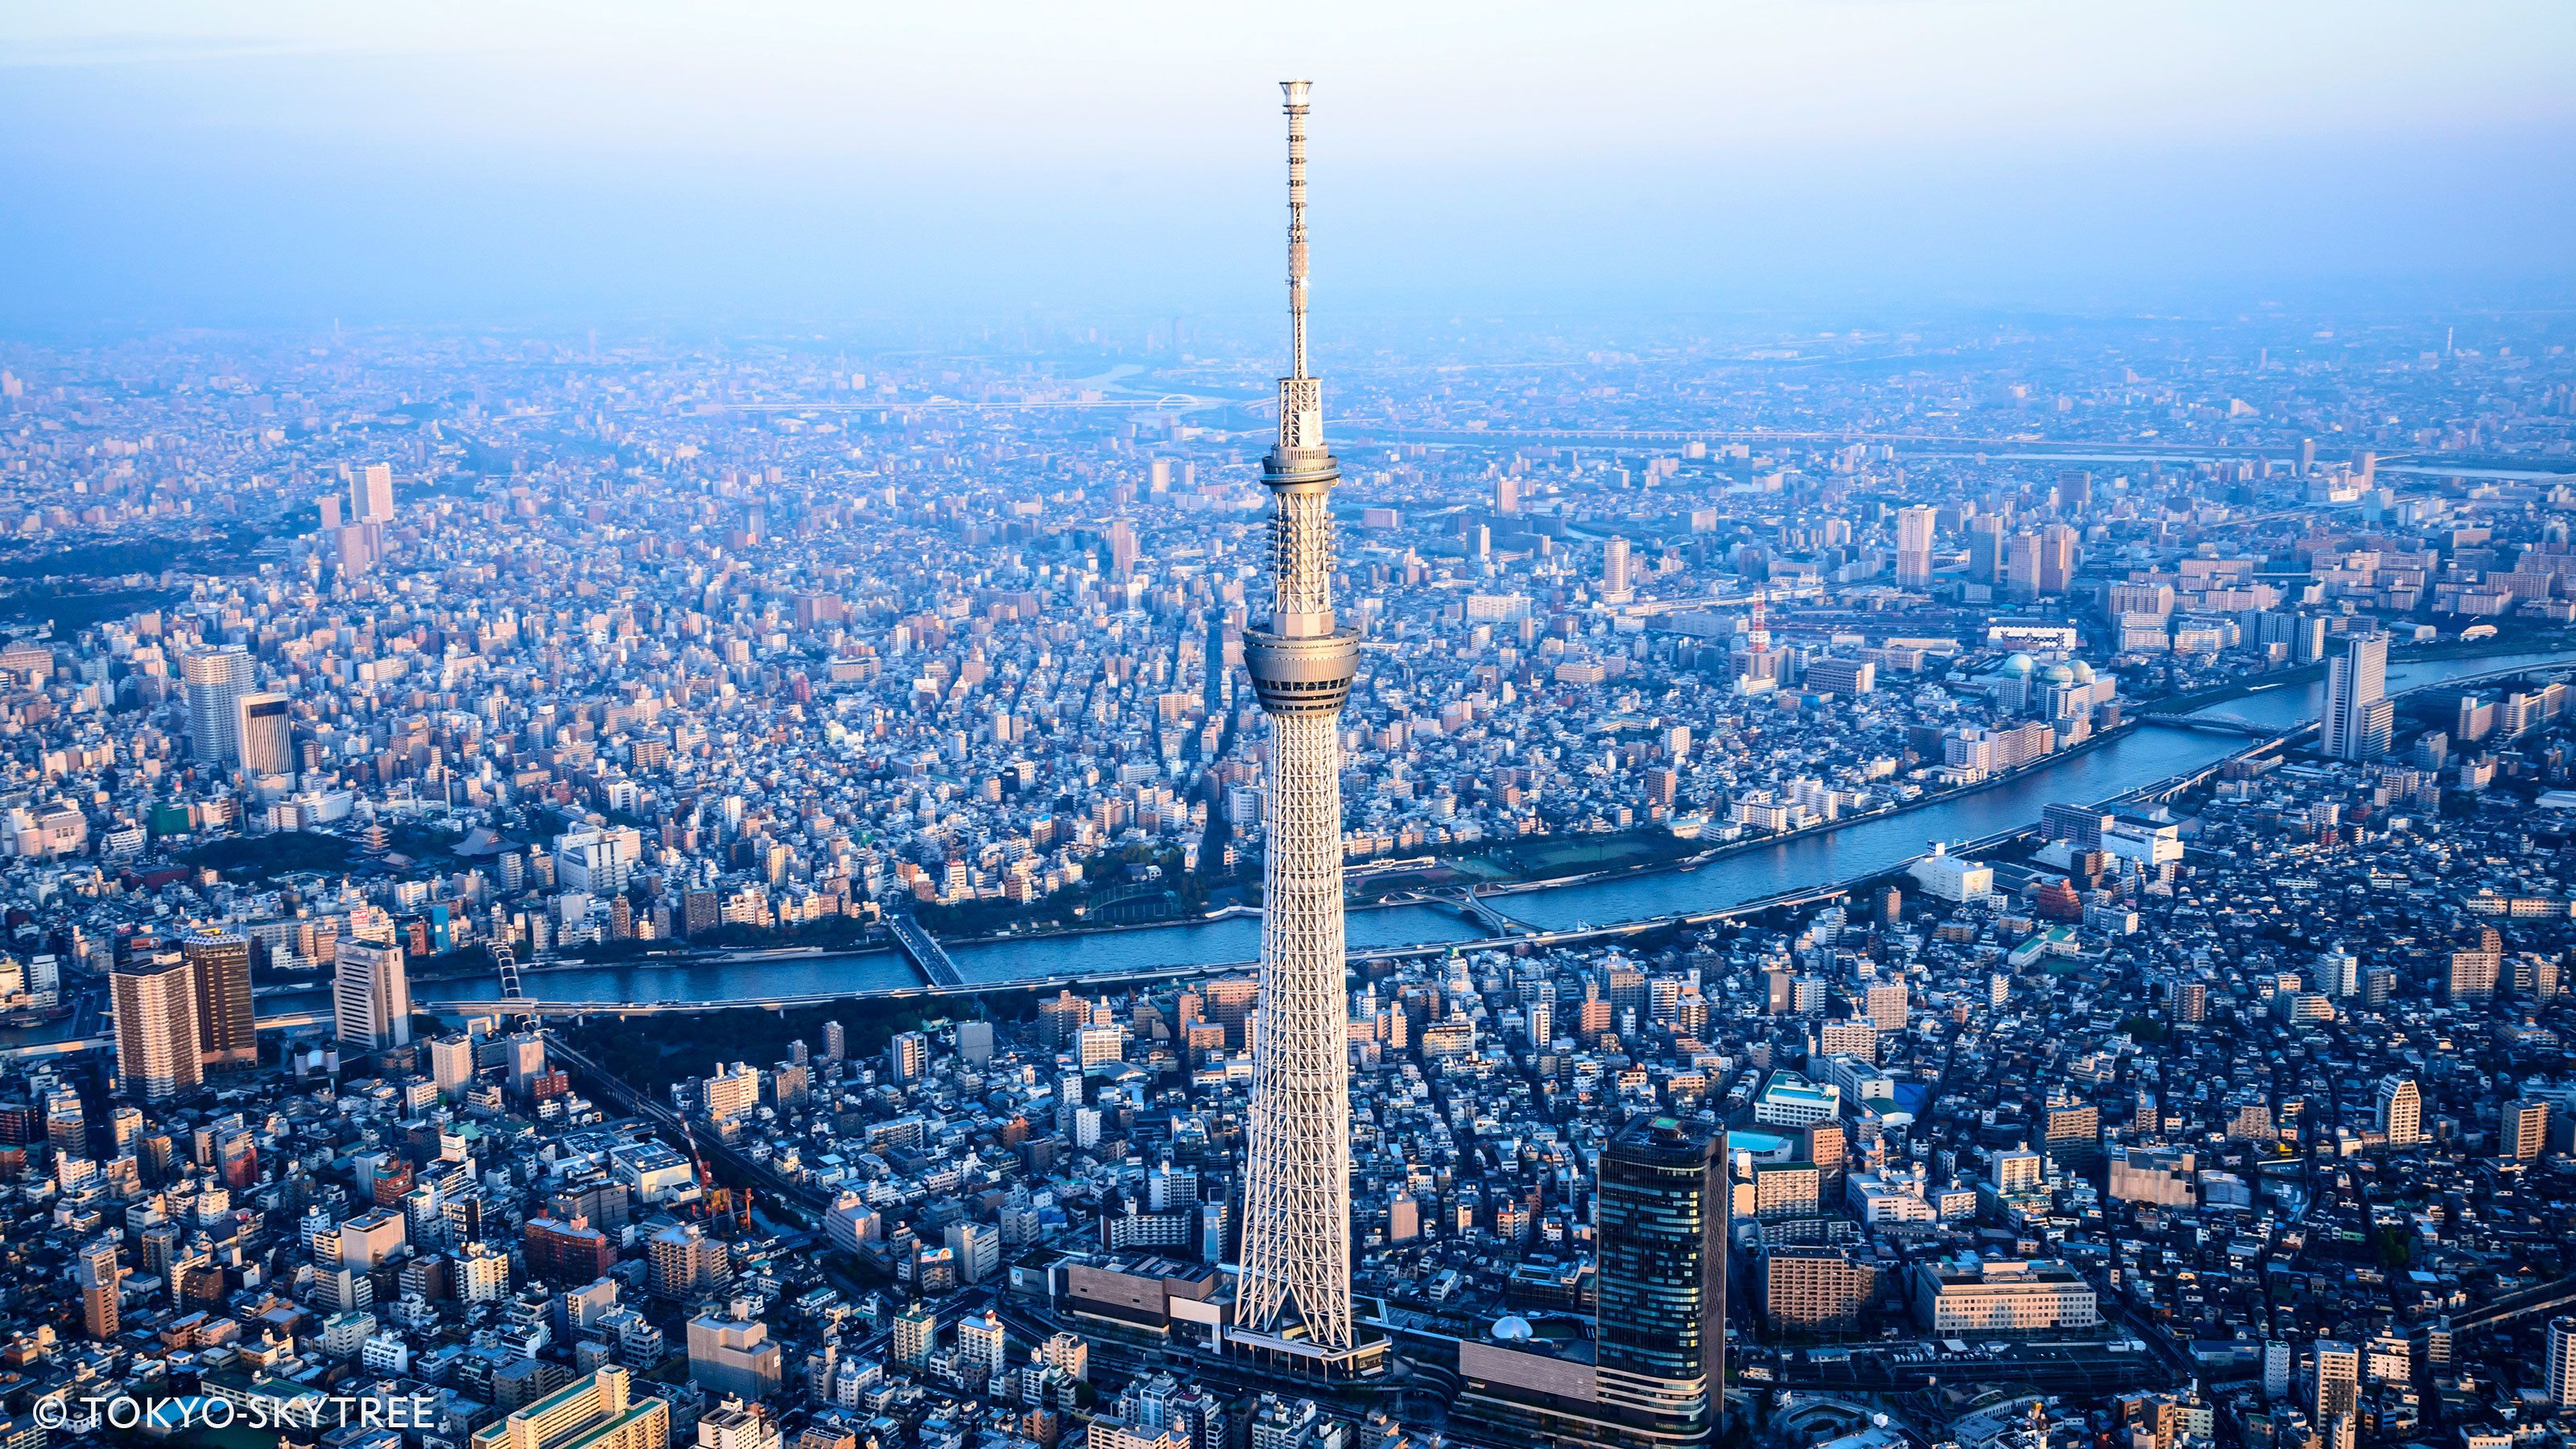 Ariel image of Skytree in Tokyo